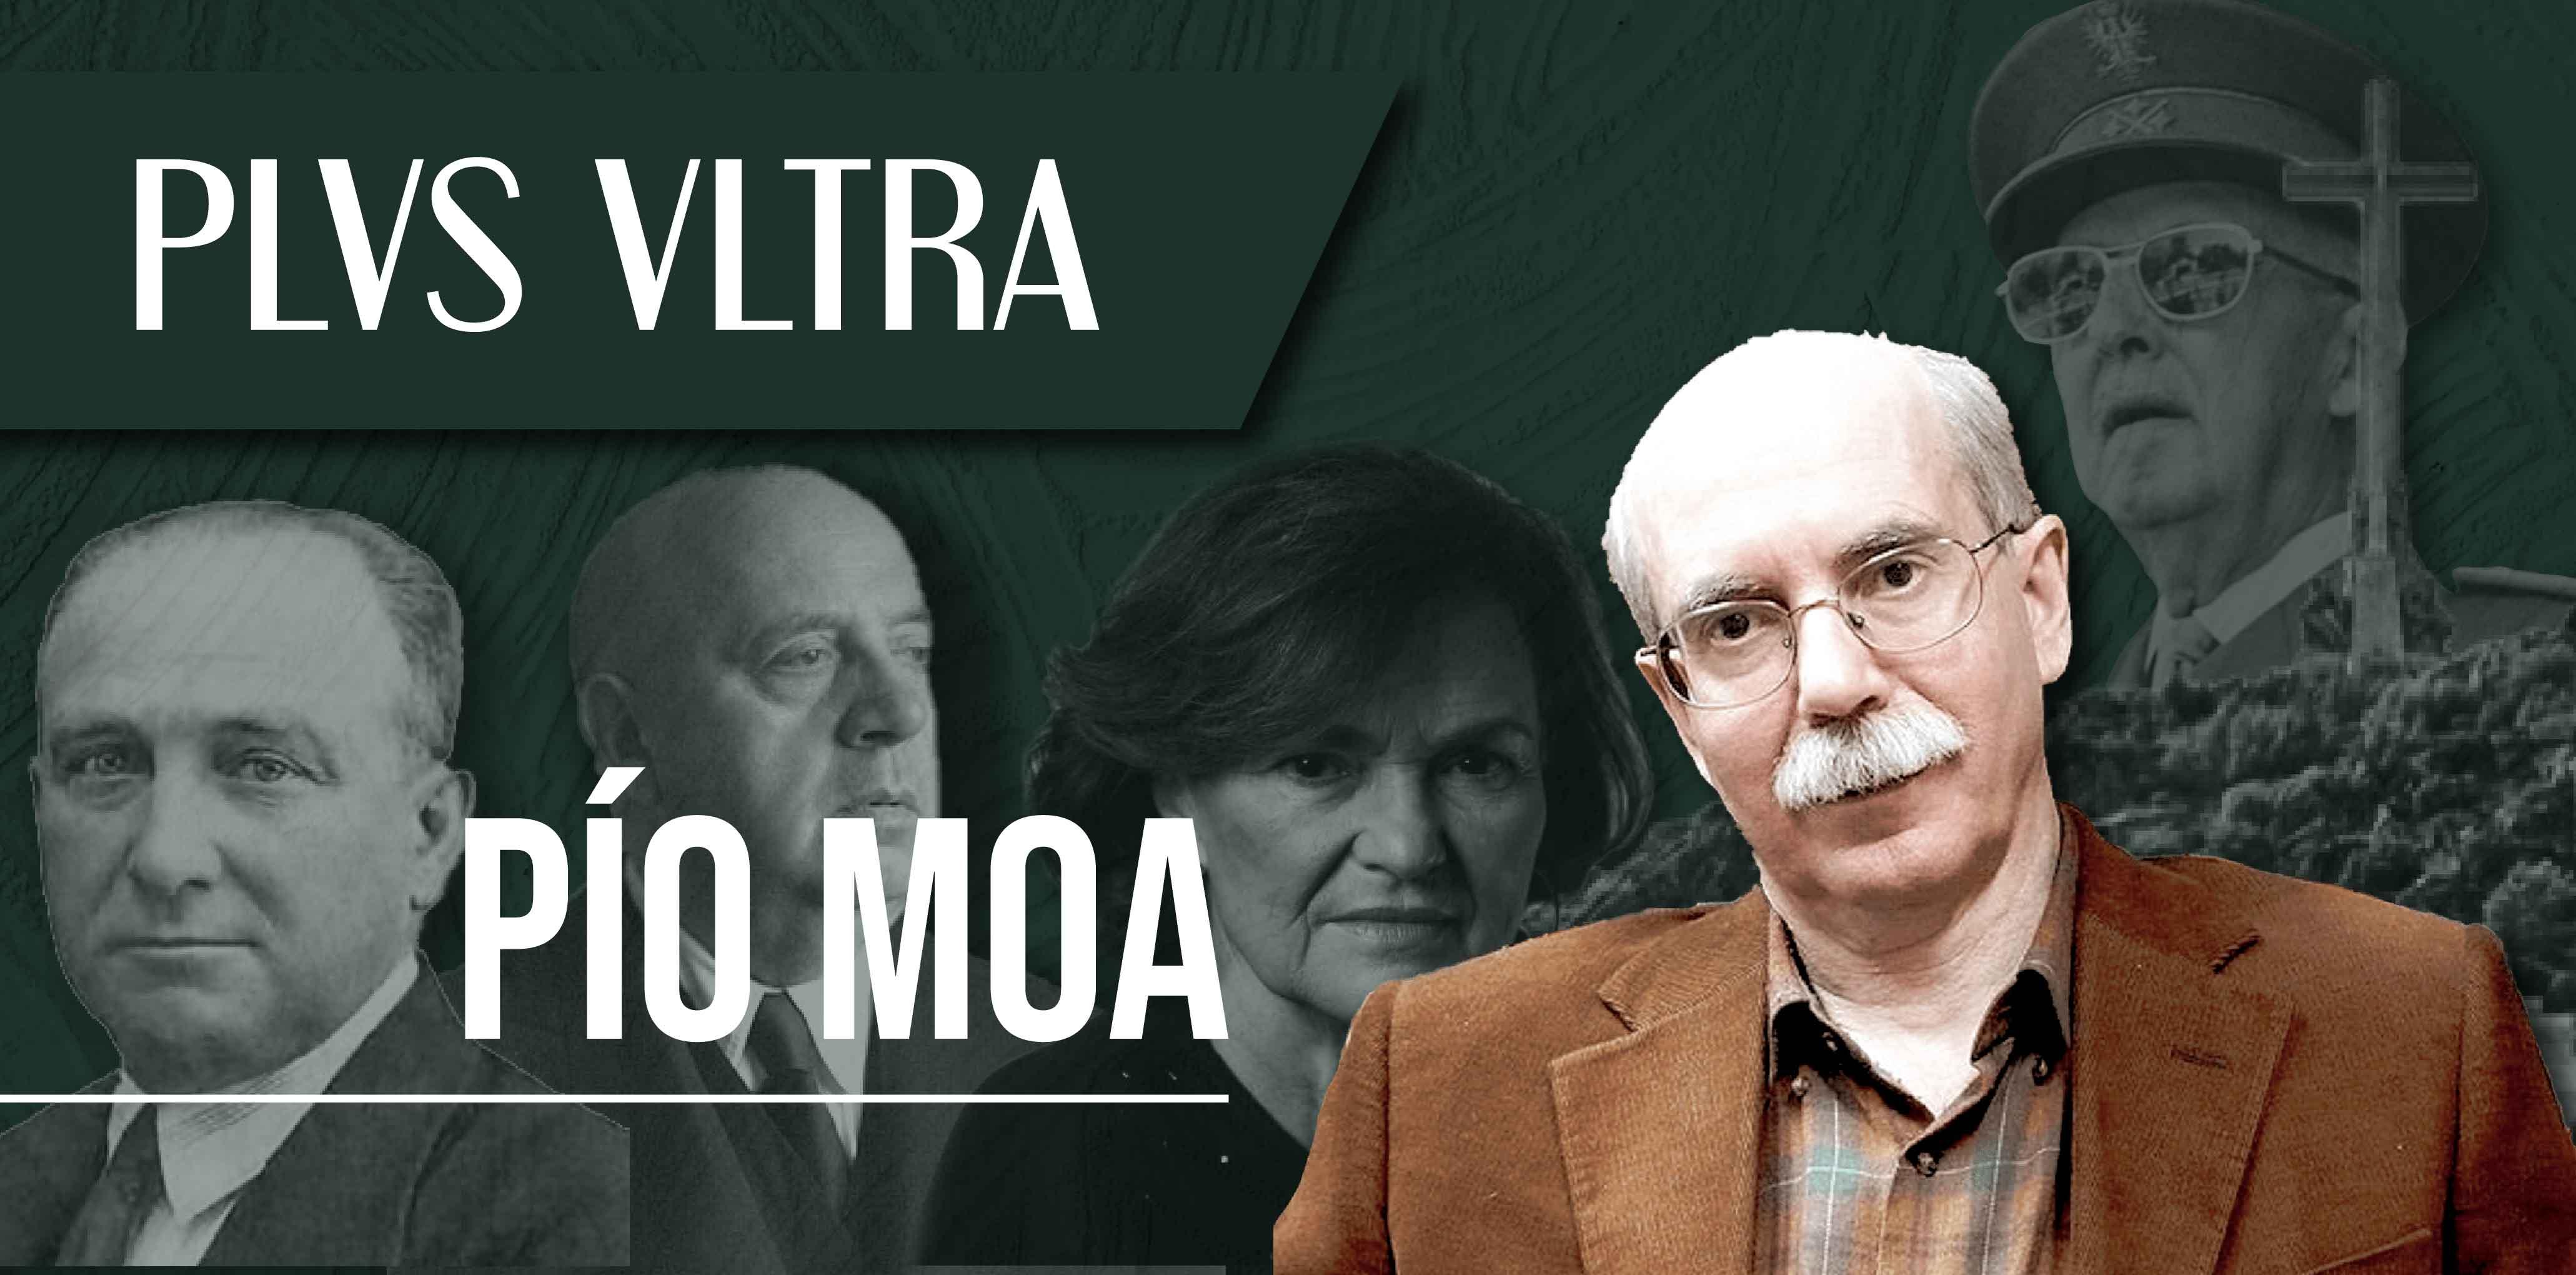 Plvs Vltra con Pío Moa